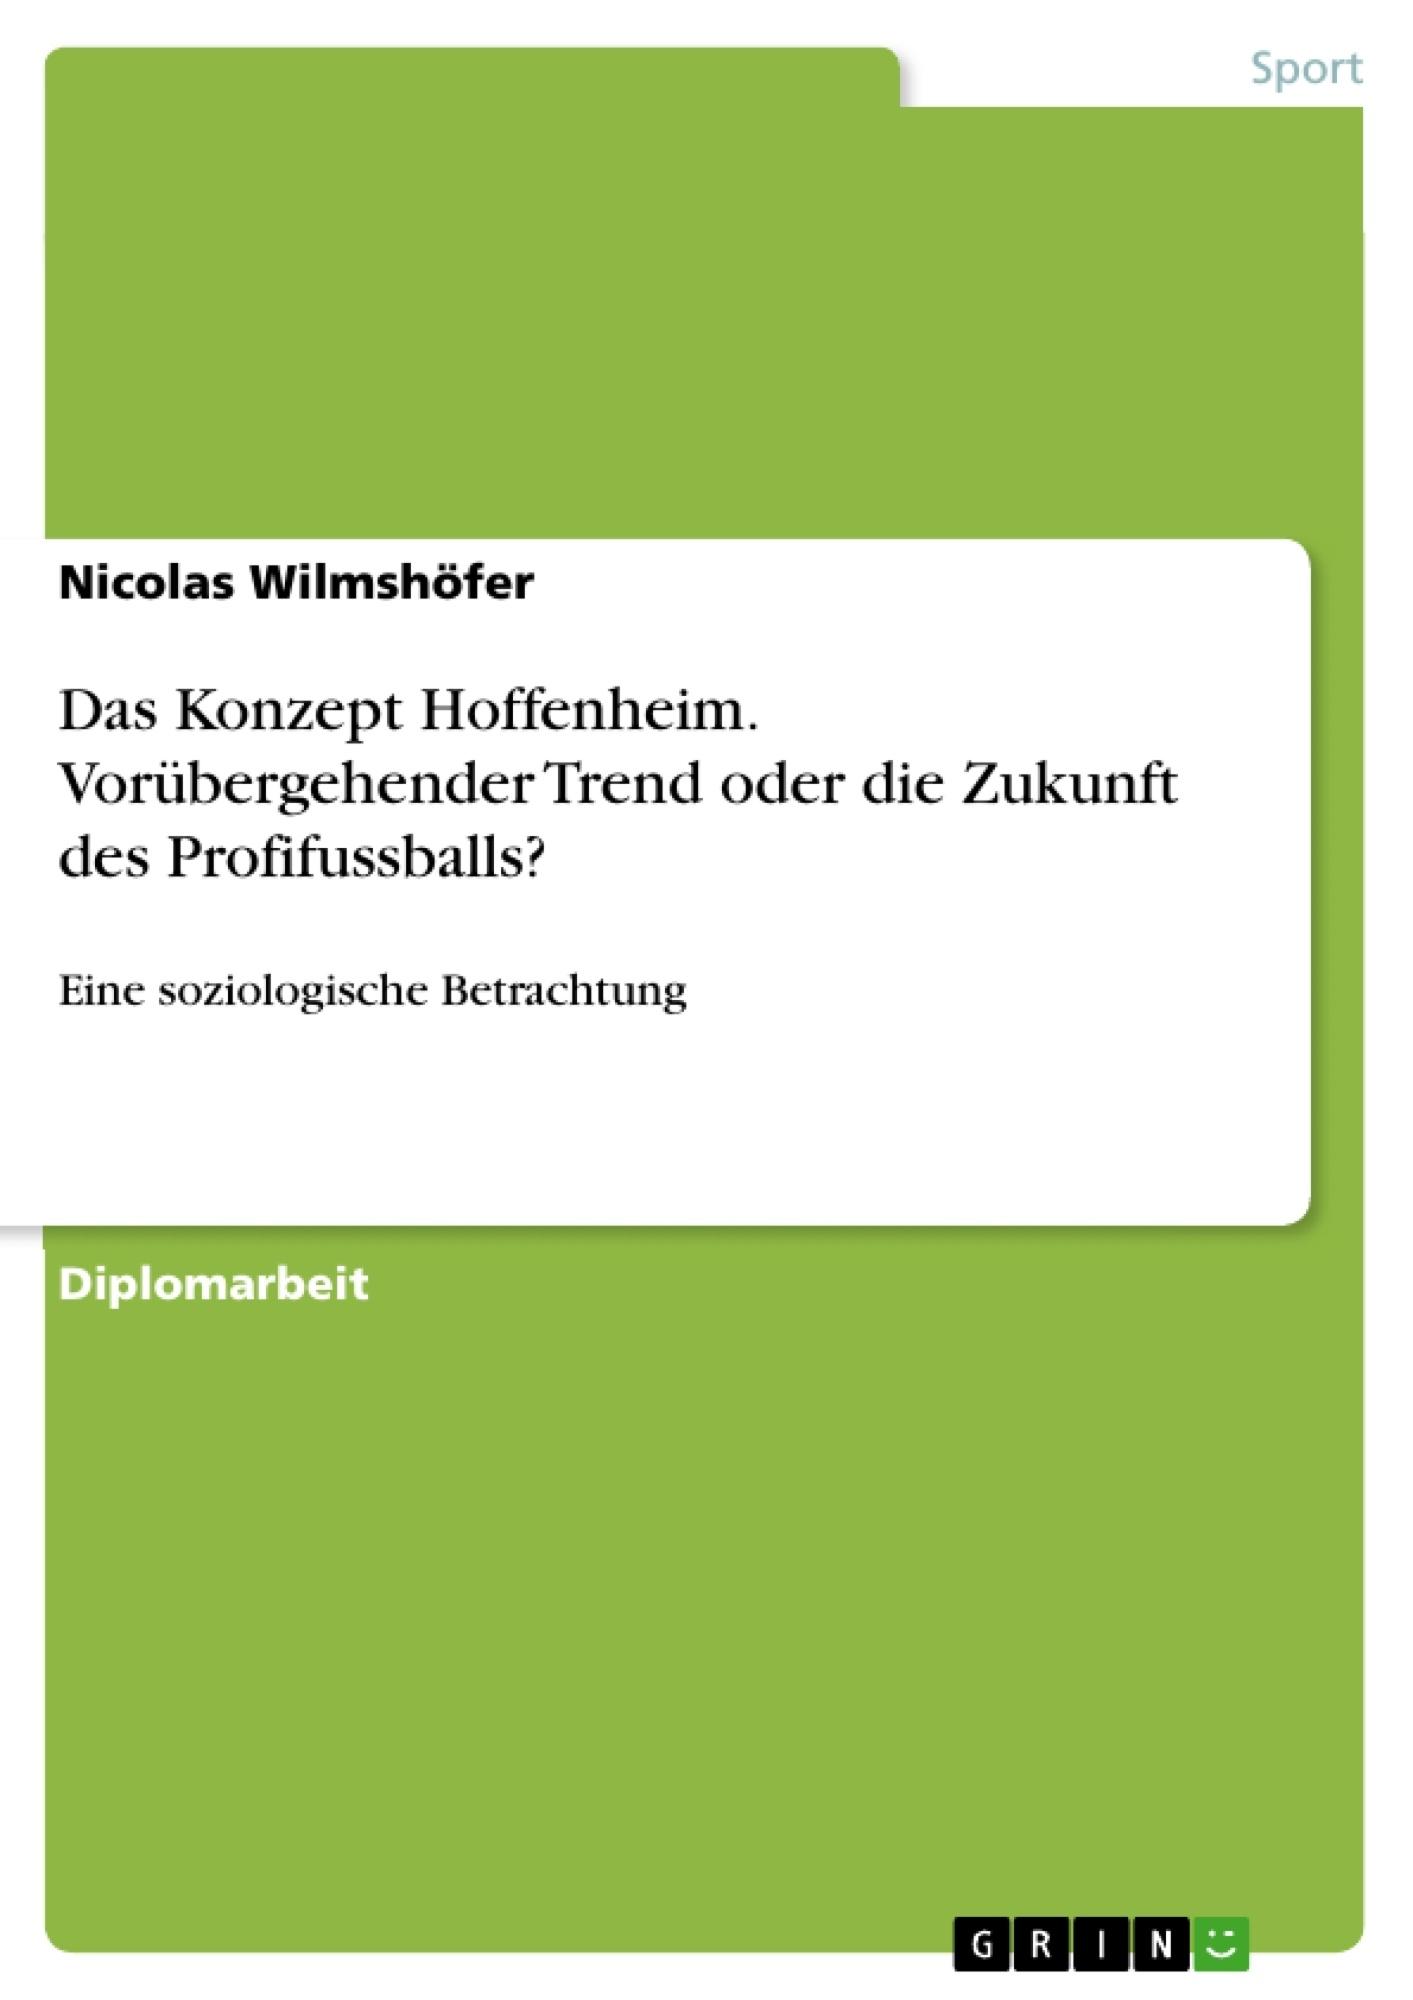 Titel: Das Konzept Hoffenheim. Vorübergehender Trend oder die Zukunft des Profifussballs?